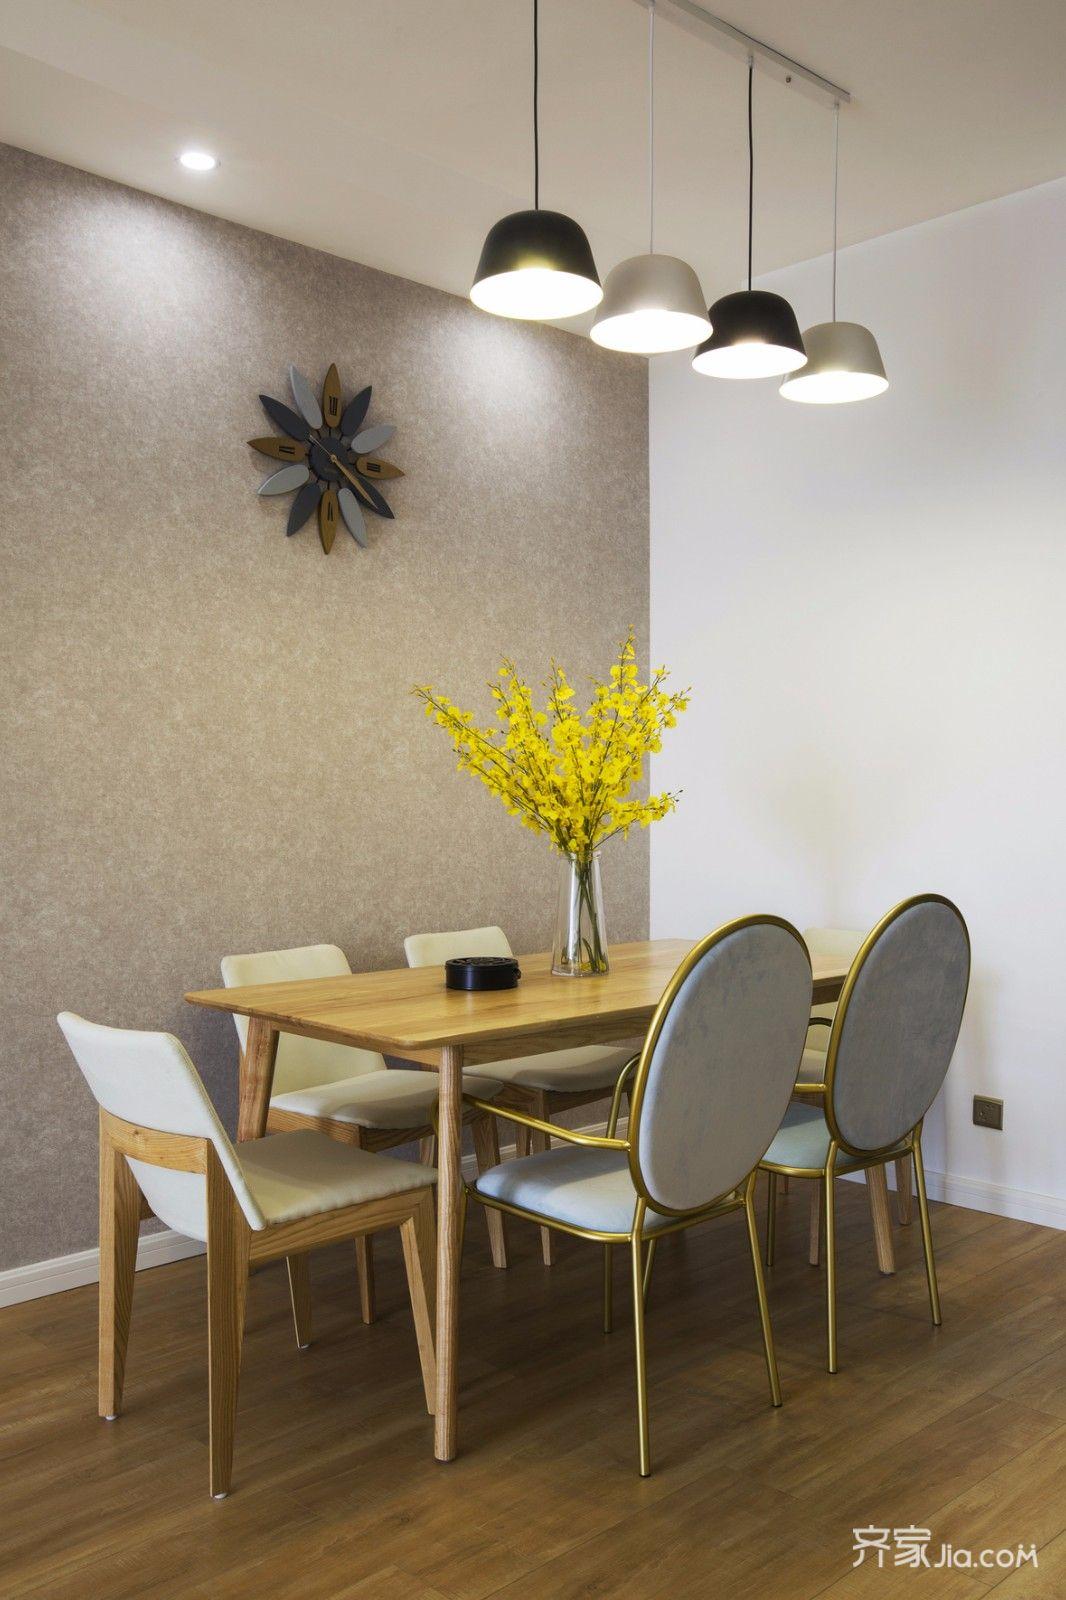 简约北欧三居室餐厅背景墙装修效果图